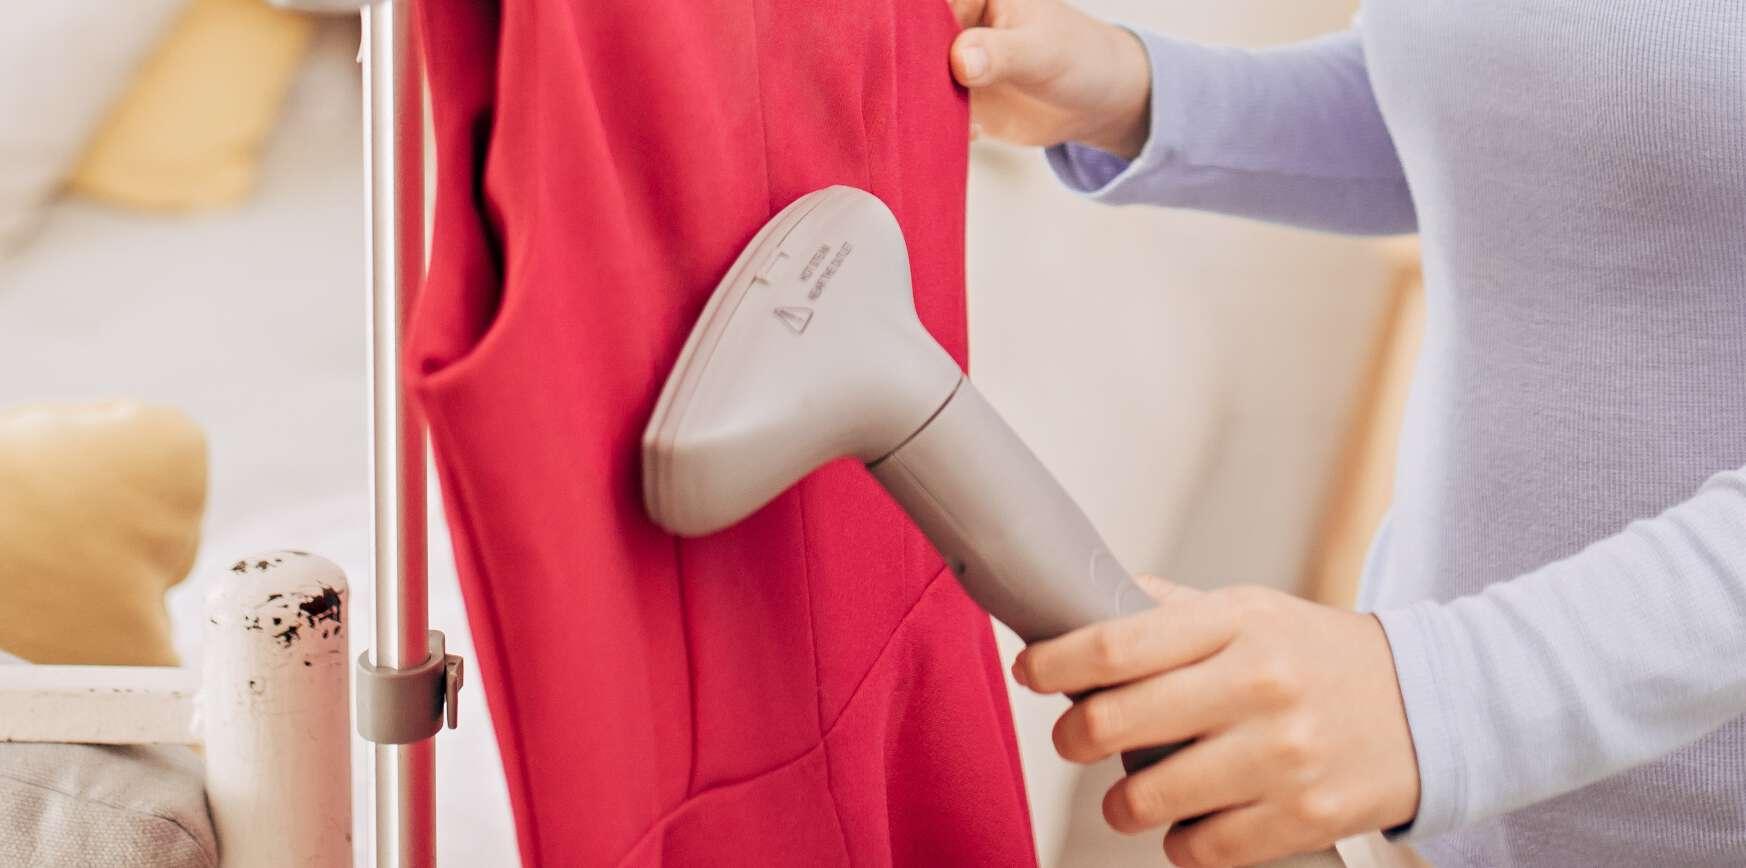 Vaporizador de roupas: Qual é o melhor de 2021?